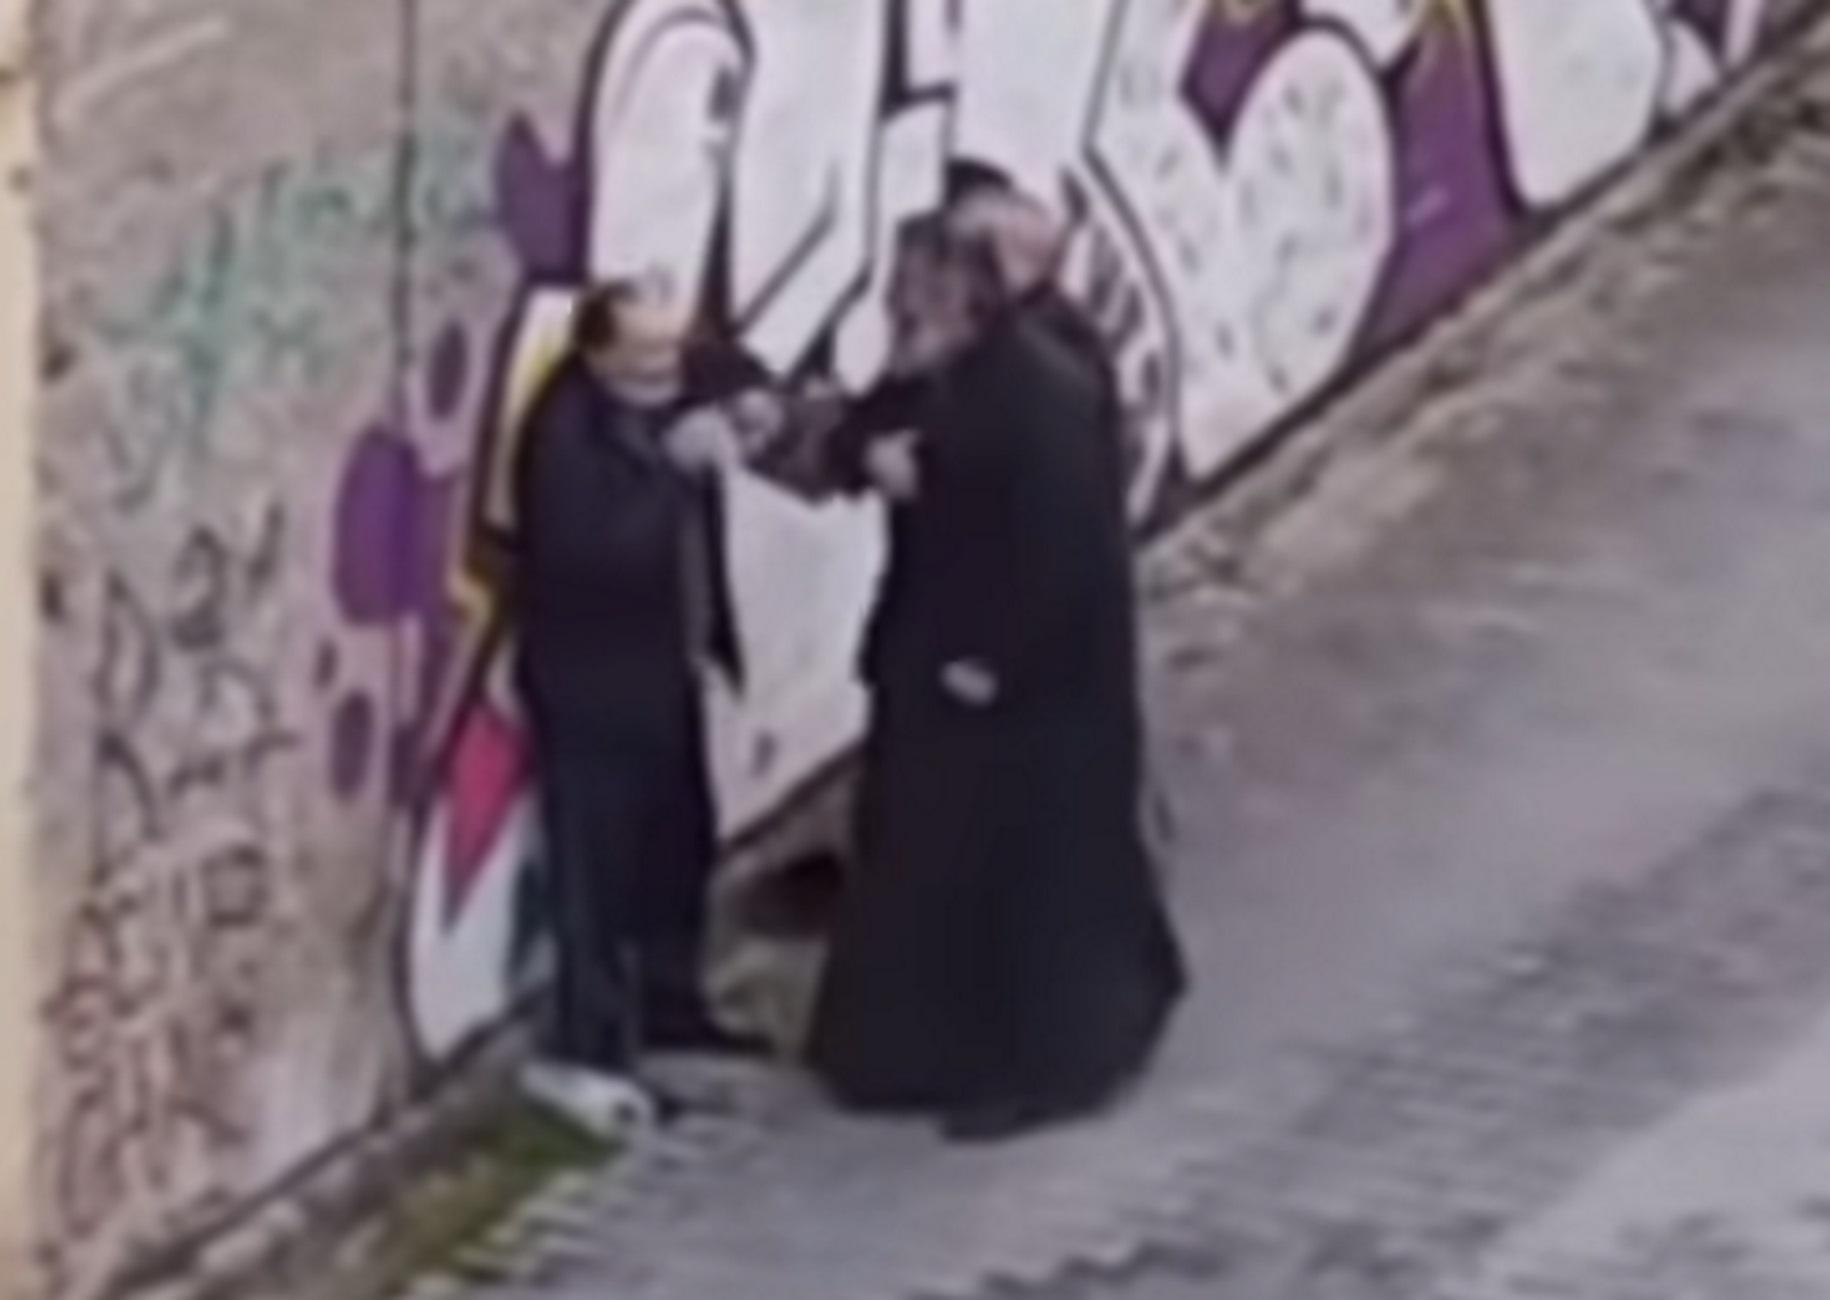 Κοζάνη: Η στιγμή που ιερέας χαστουκίζει πολίτη στη μέση του δρόμου! Σάλος από τις εικόνες (Βίντεο)